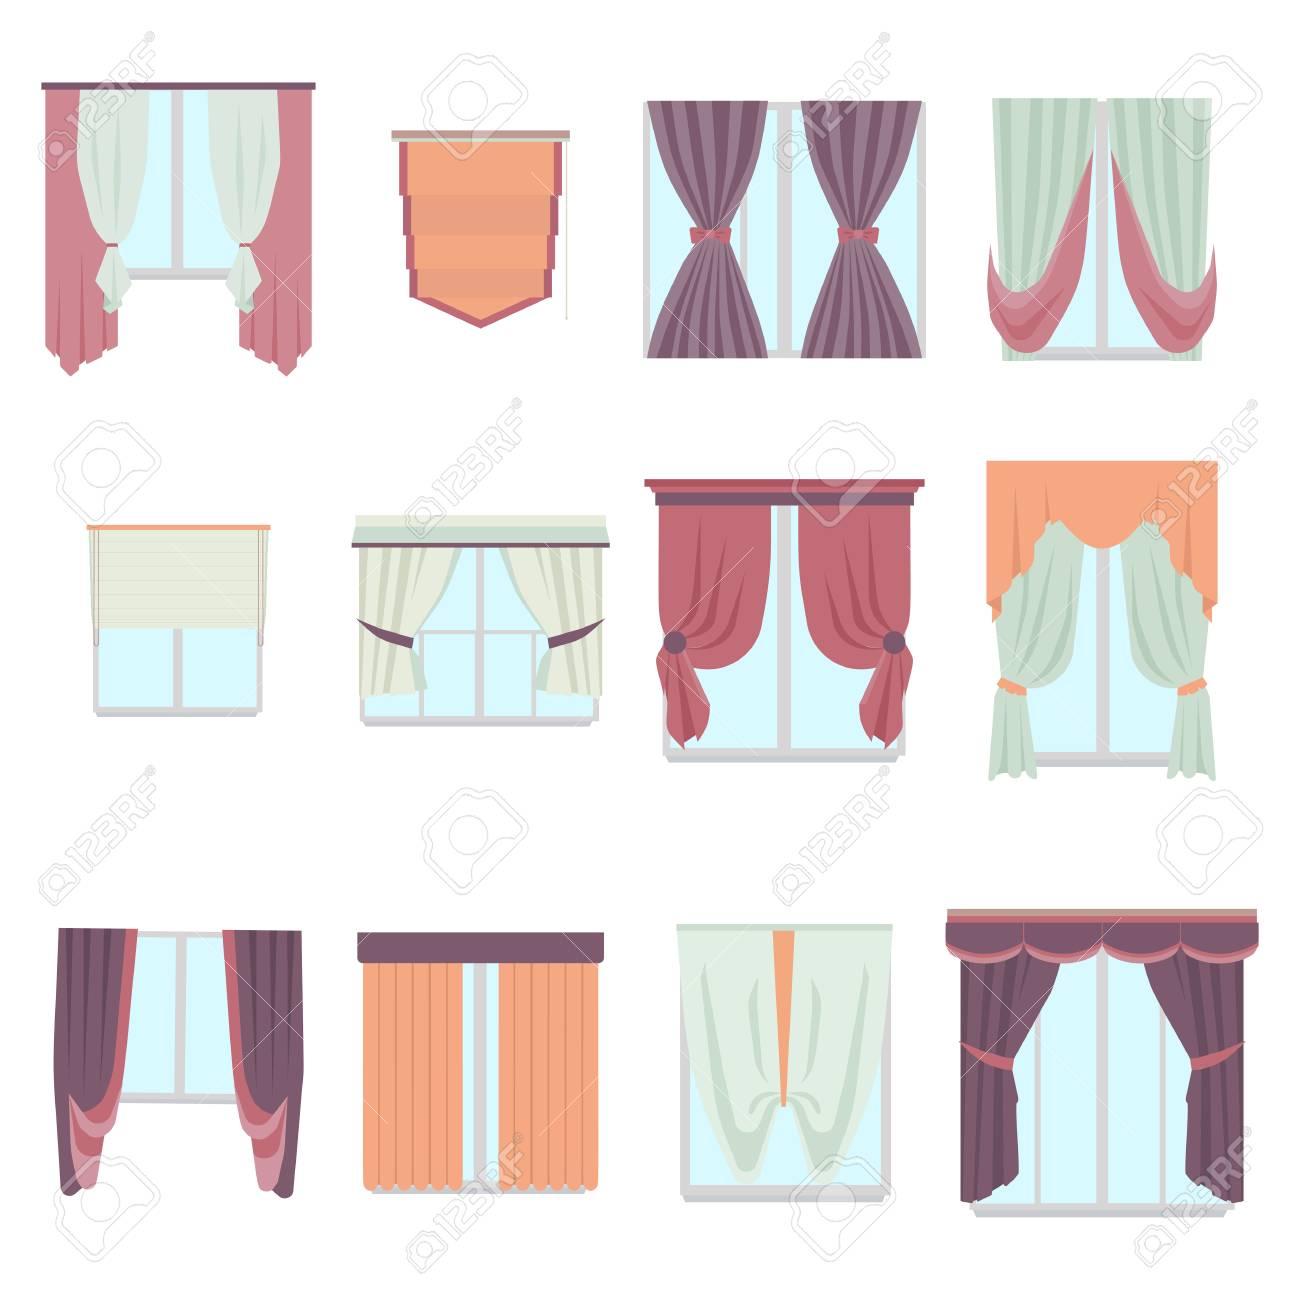 grande collection de divers rideaux de decoration de fenetre de style plat rideau interieur maison isole sur blanc decor de vecteur